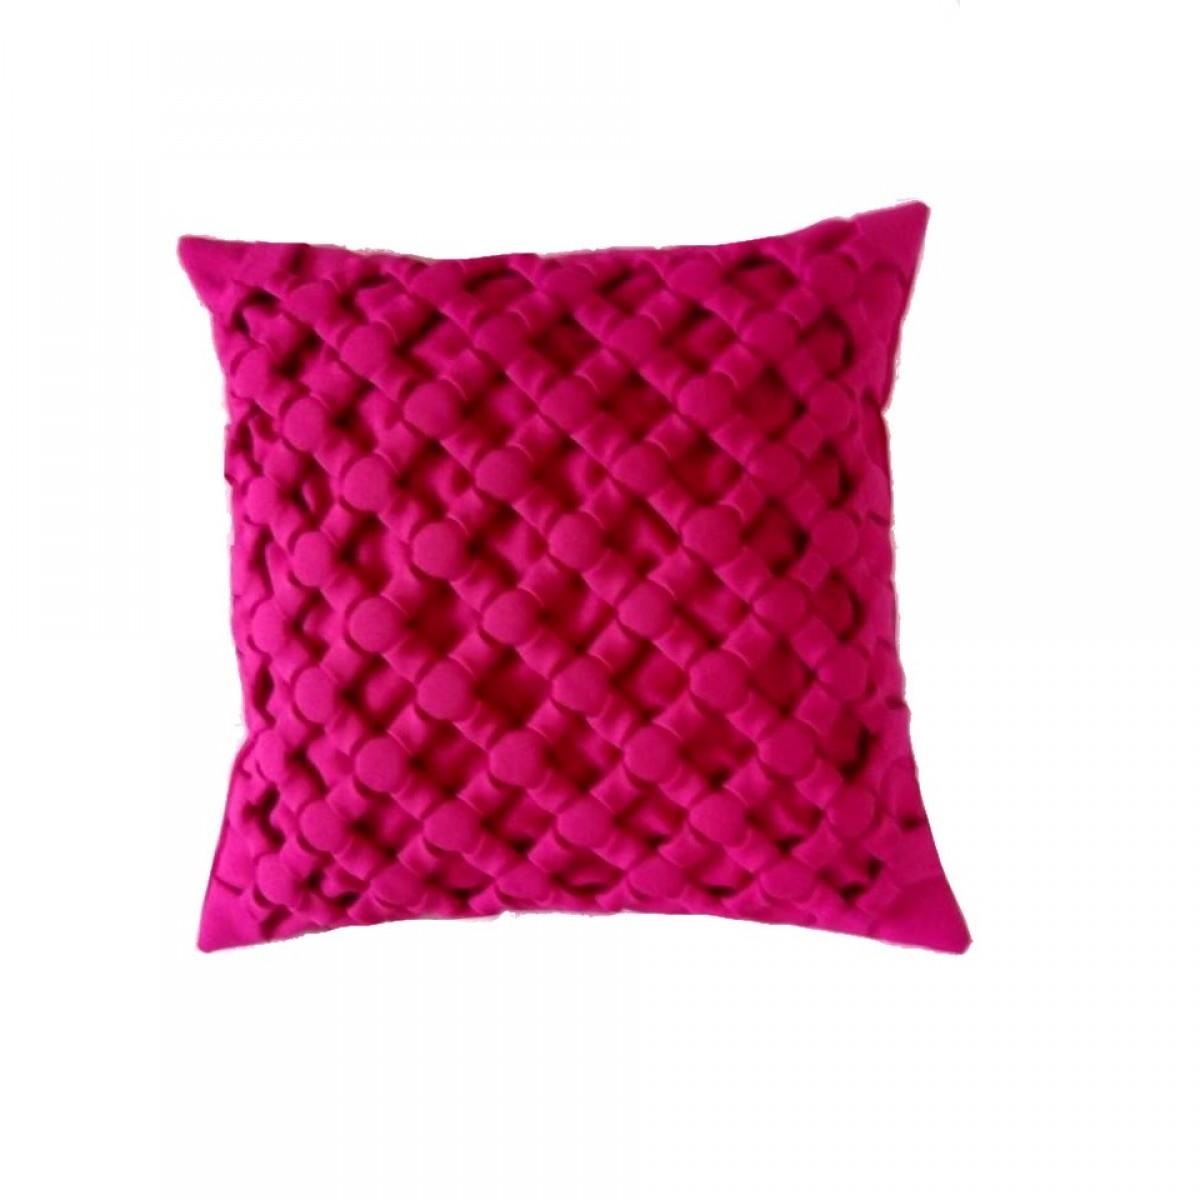 Poduszka dekoracyjna plecionka Canadian Origami ciemny róż